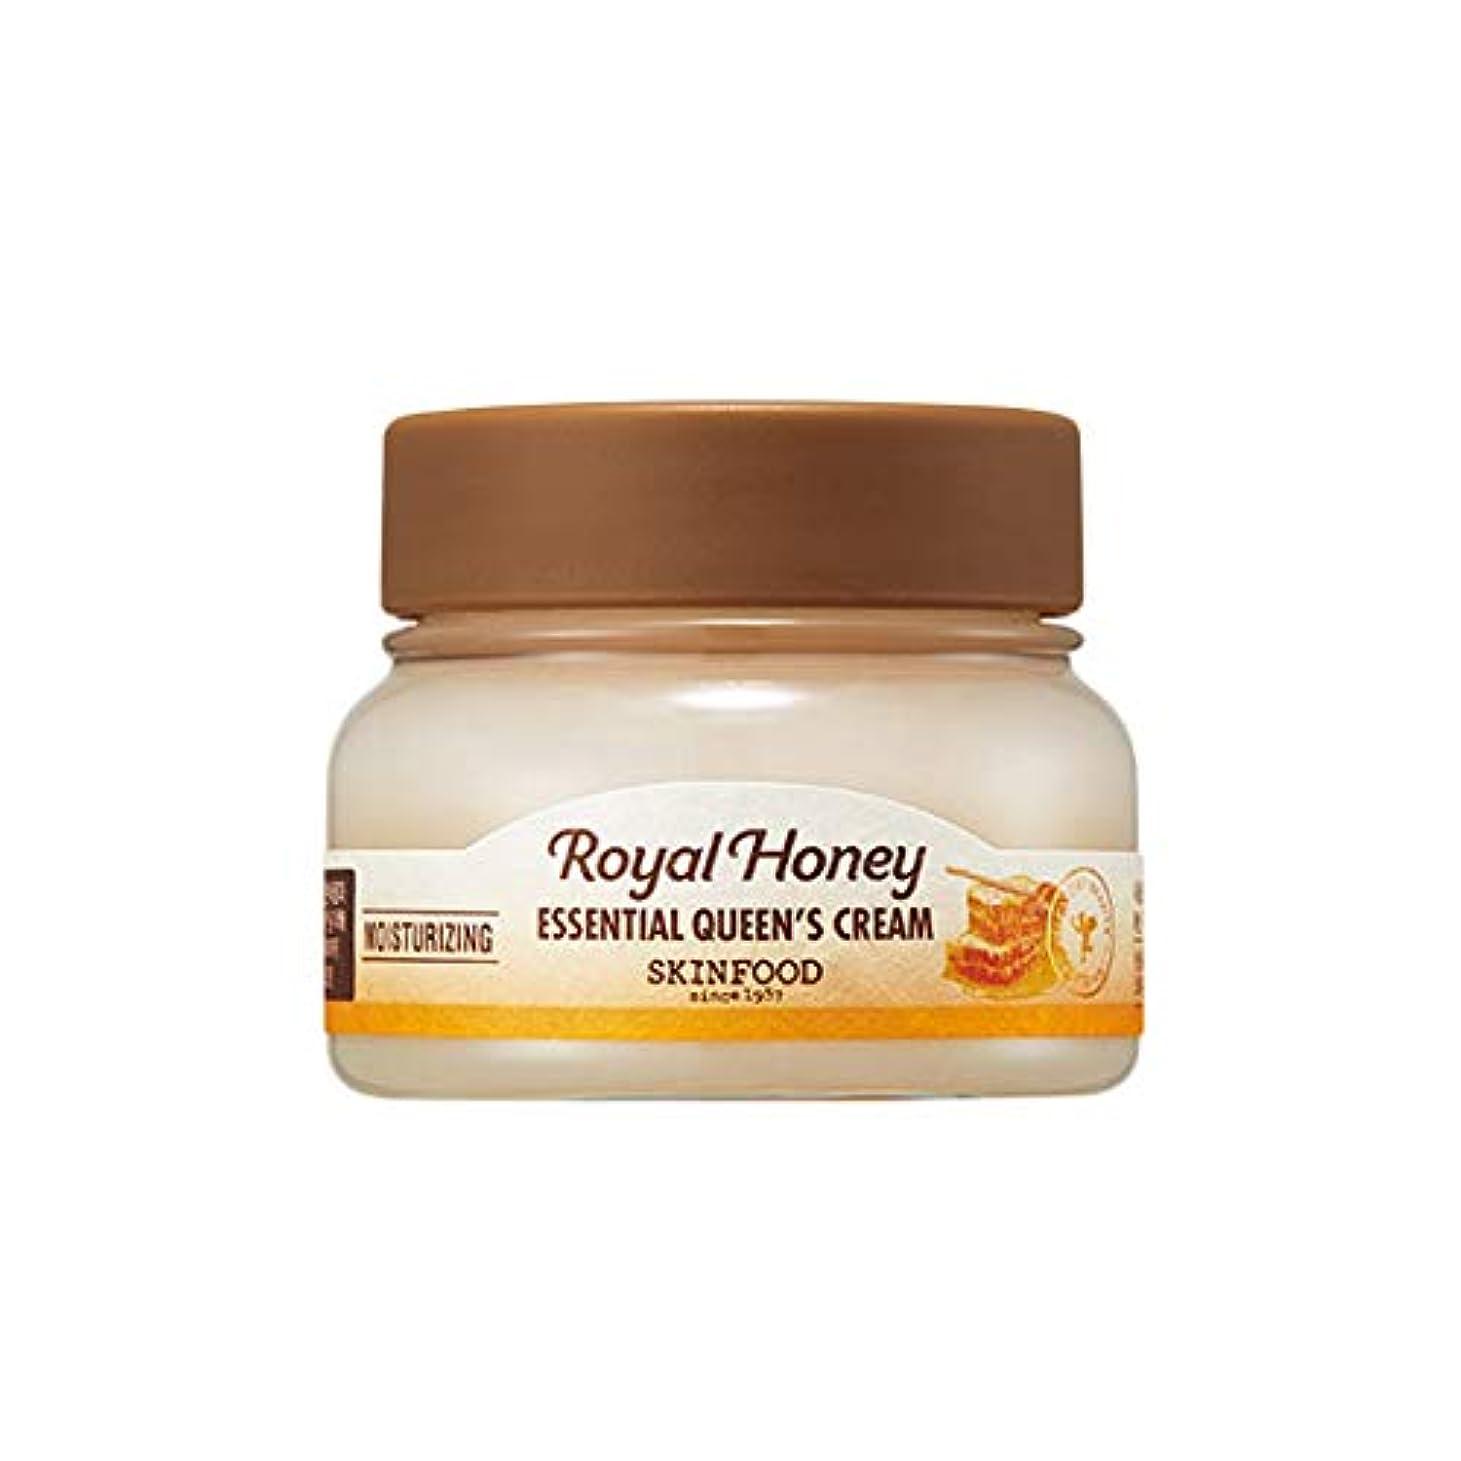 インシデント瞬時に良心Skinfood ロイヤルハニーエッセンシャルクイーンクリーム/Royal Honey Essential Queen's Cream 62ml [並行輸入品]